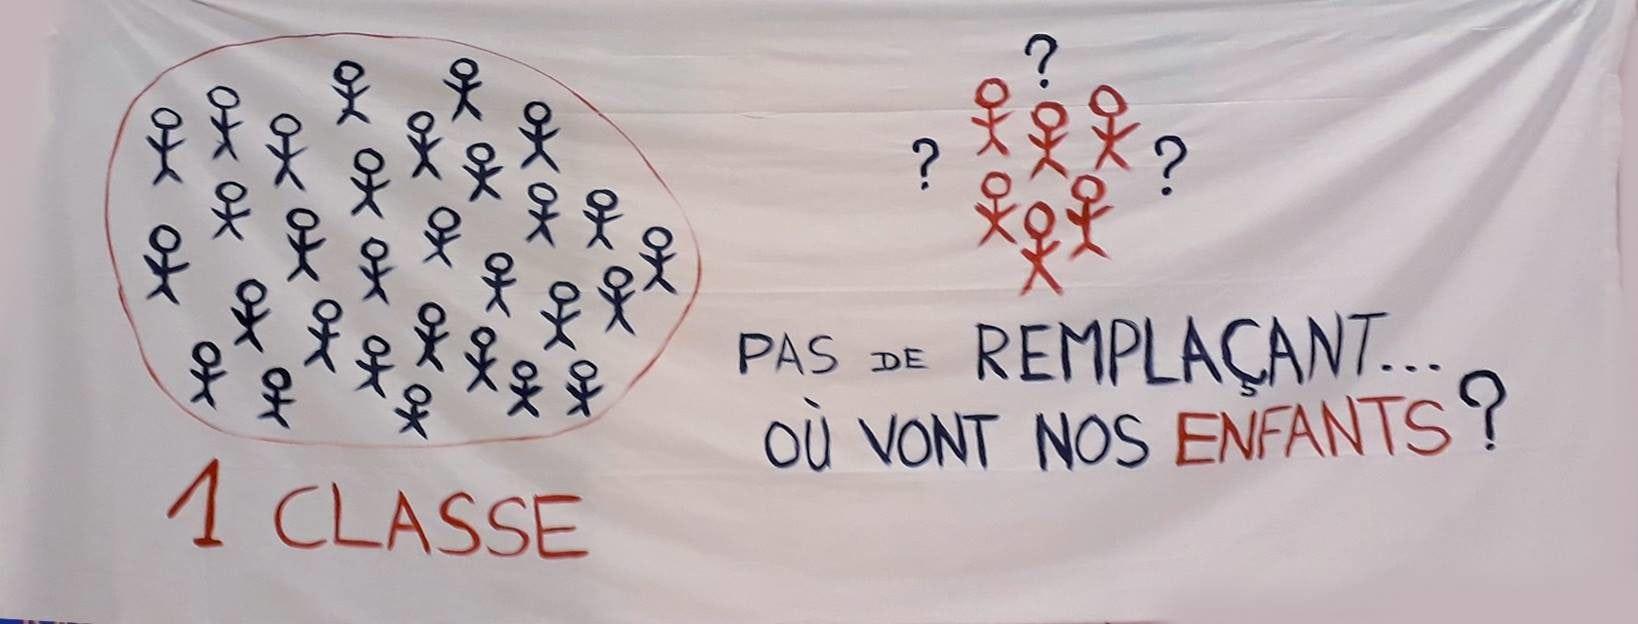 Manifestation de parents pour réclamer plus d'enseignants mercredi